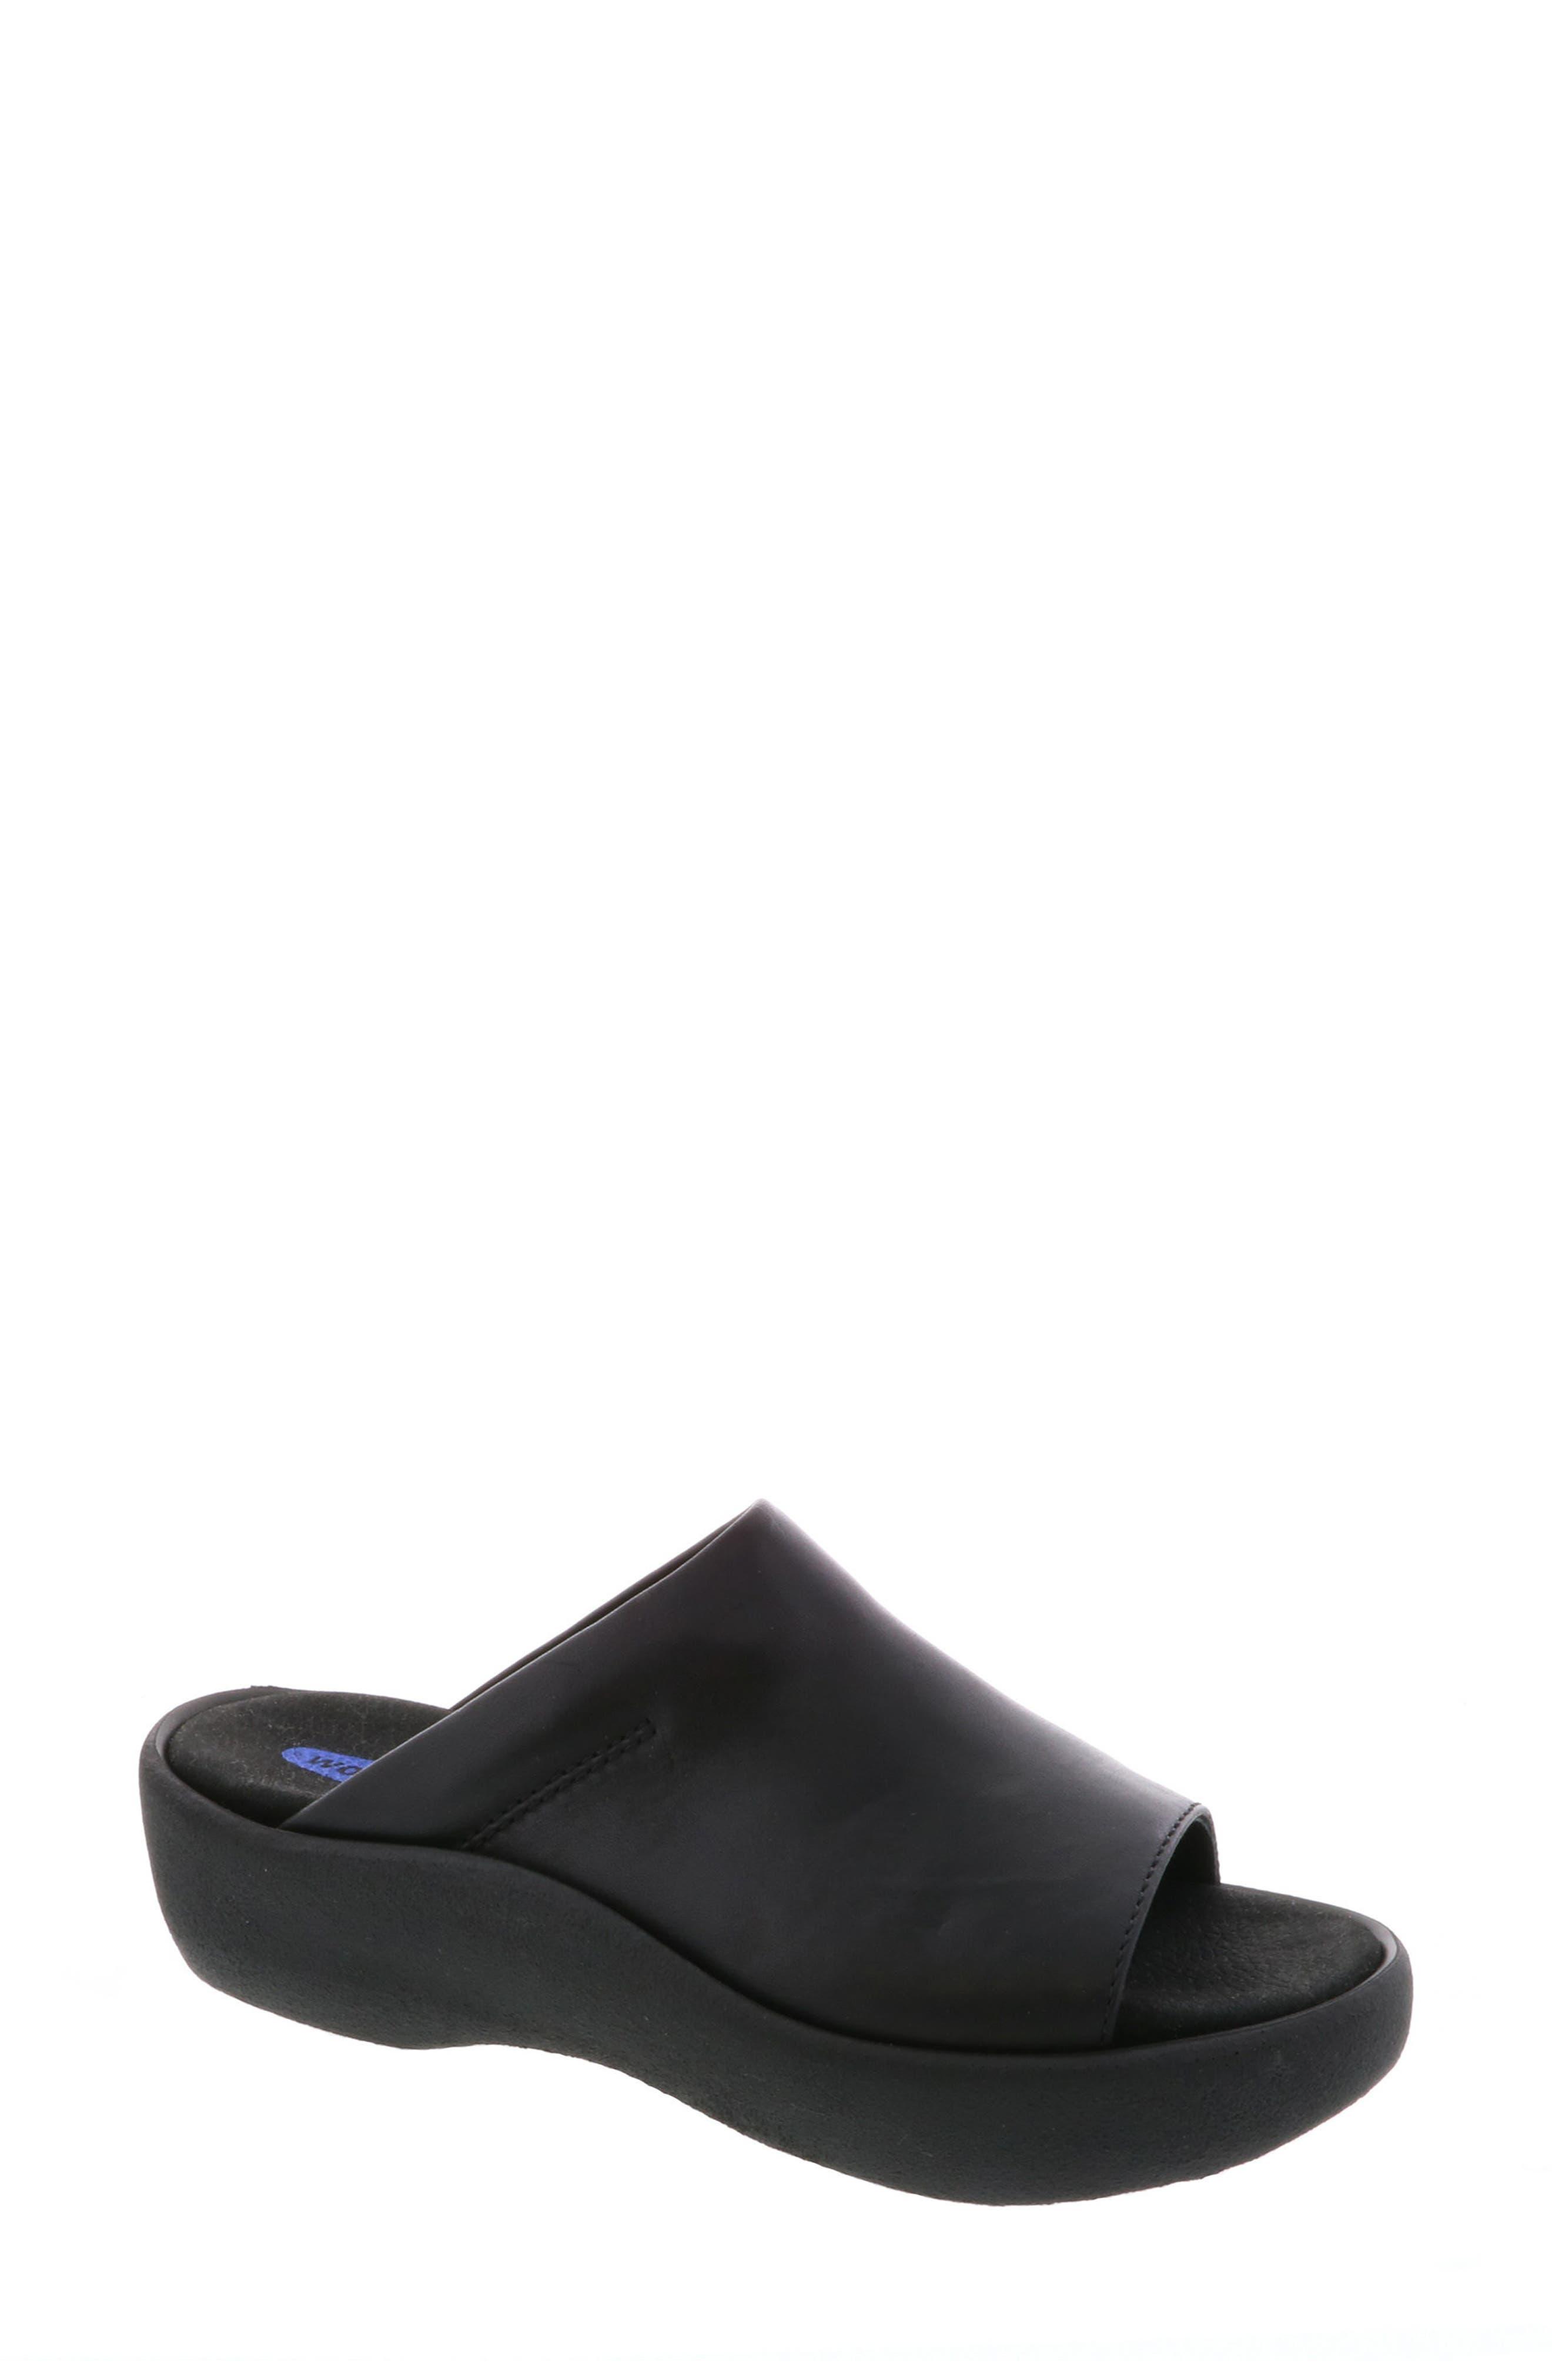 Nassau Slide Sandal,                         Main,                         color, BLACK SMOOTH LEATHER